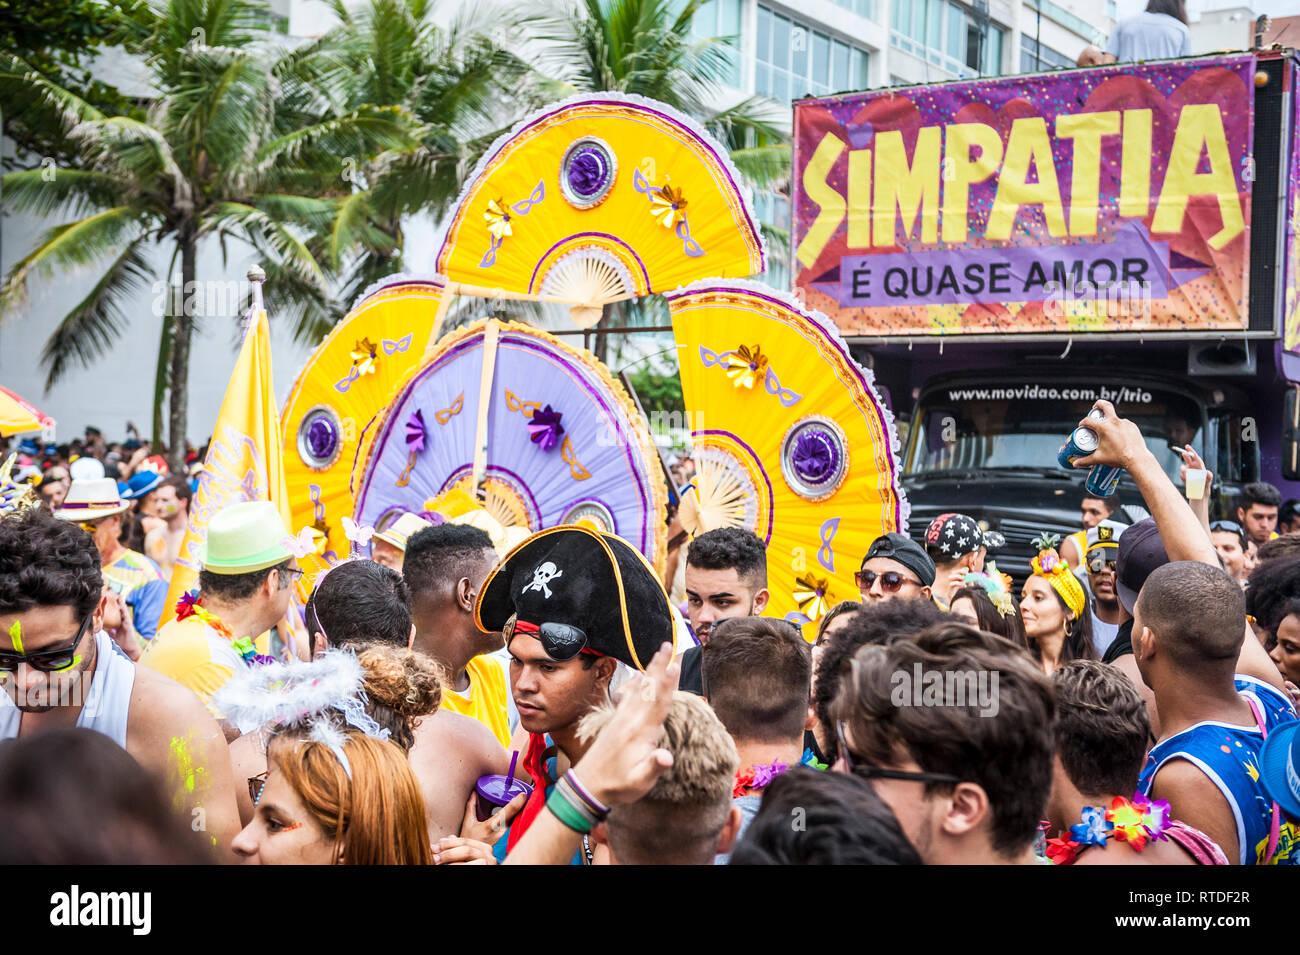 RIO DE JANEIRO - Febrero 28, 2017: Un camión de altavoz para la simpatia e quase Amor (simpatía es casi Amor) viaja a través de una multitud de carnaval. Imagen De Stock